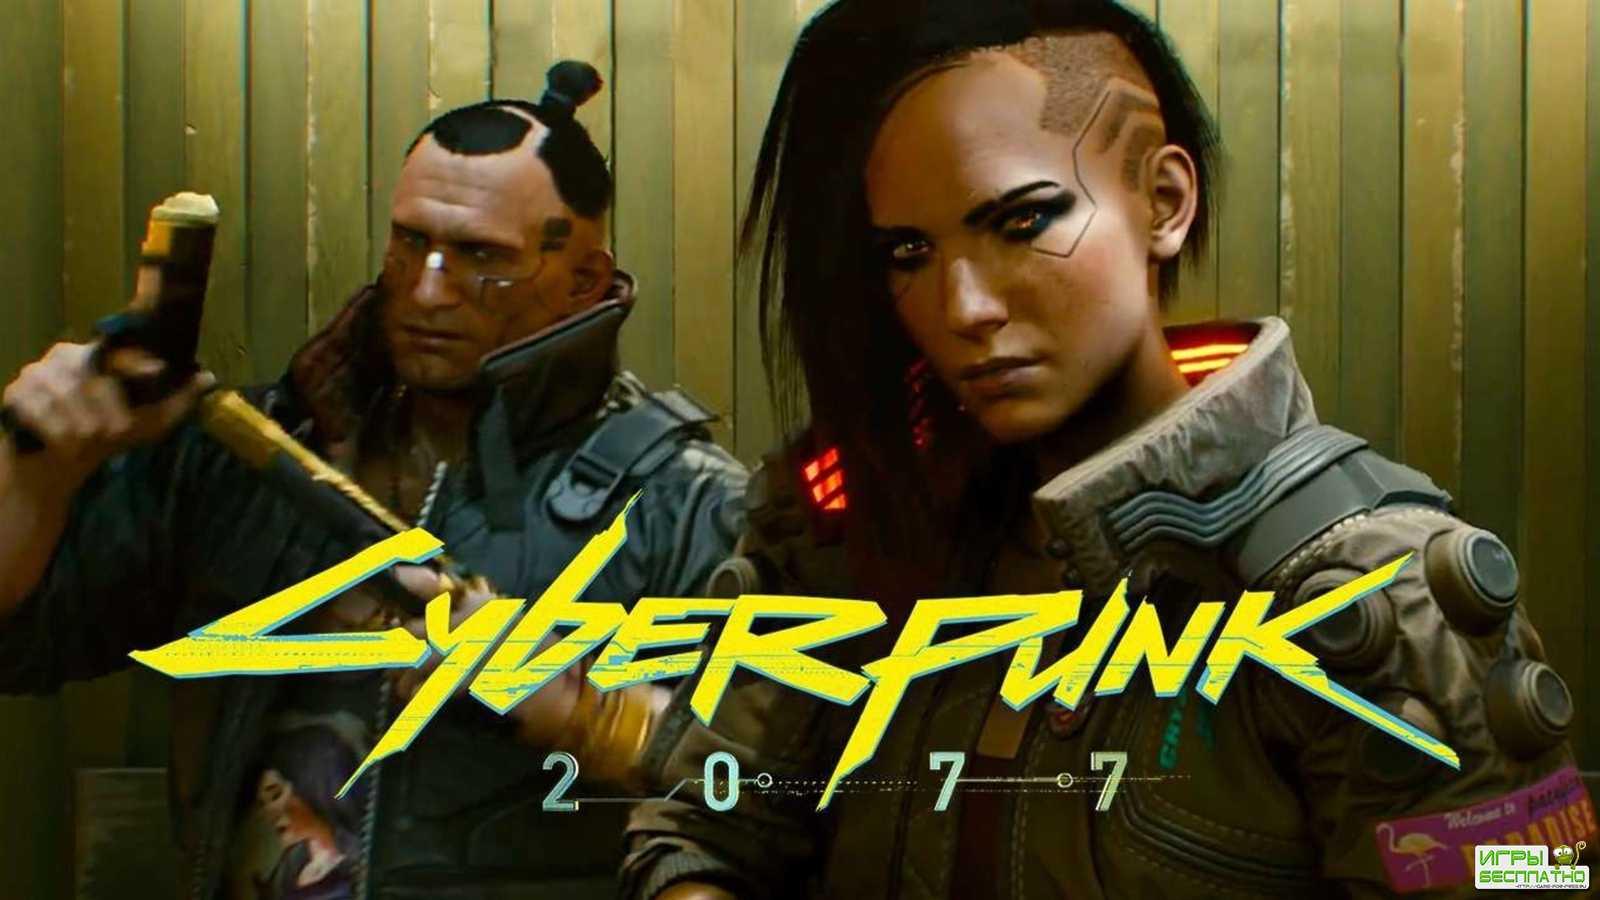 В Cyberpunk 2077 нельзя использовать два оружия одновременно